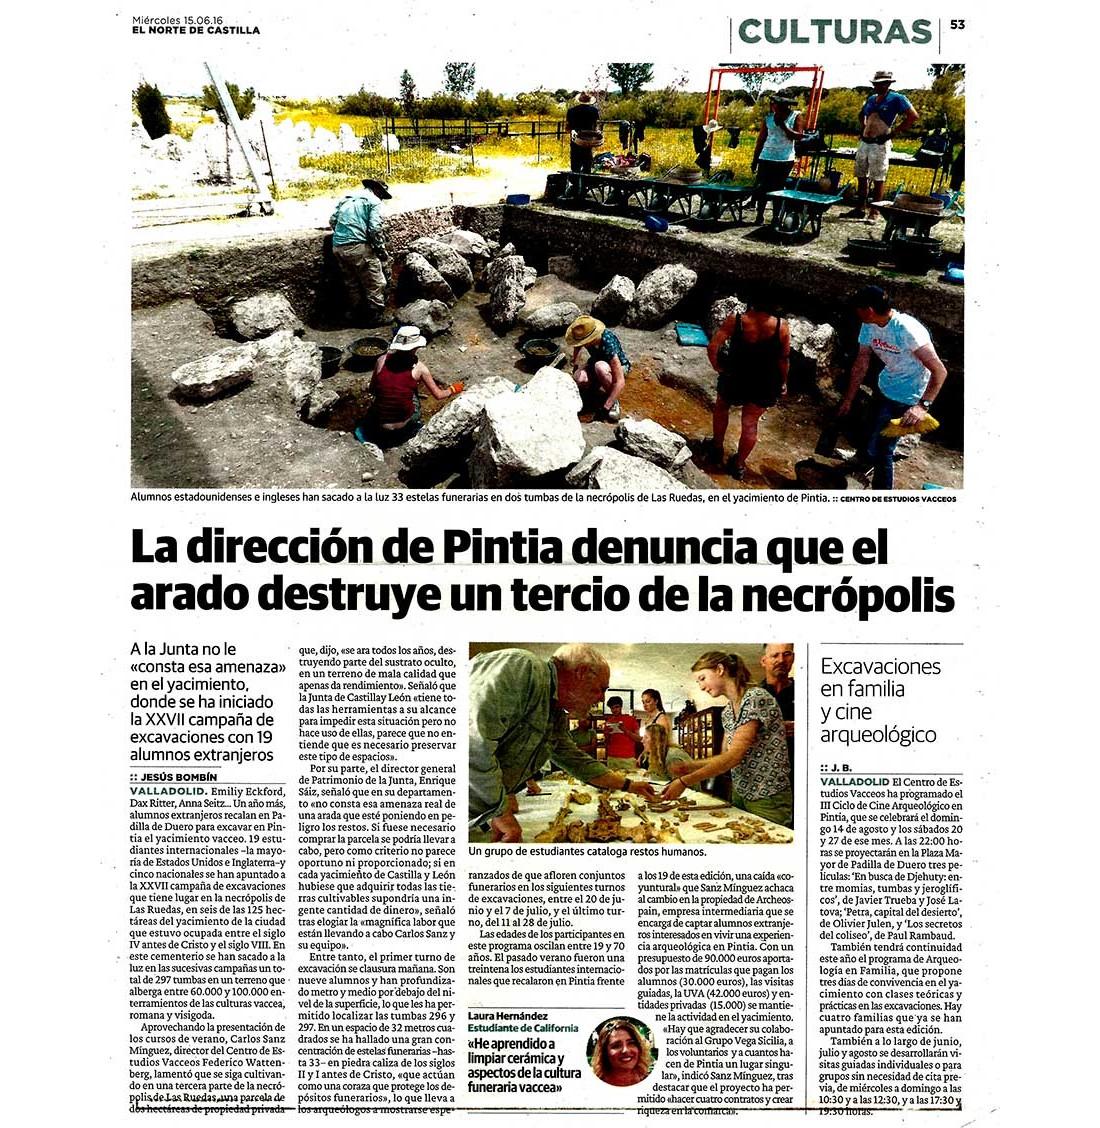 El Norte de Castilla denuncia la destrucción de una parte de la necrópolis de Las Ruedas